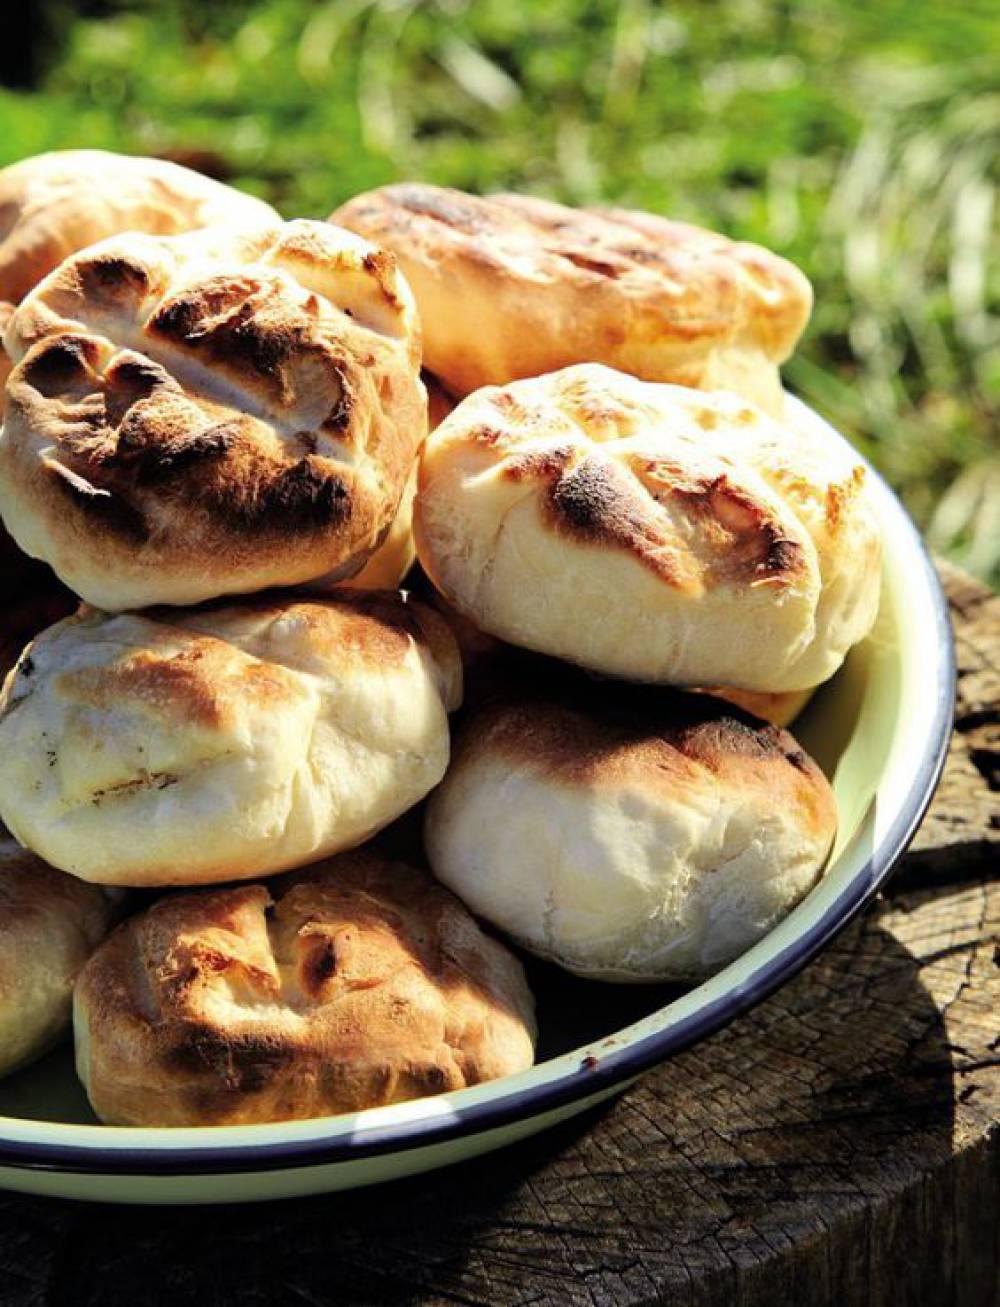 طعم نانهای محلی آفریقا را در سافاری بچشید